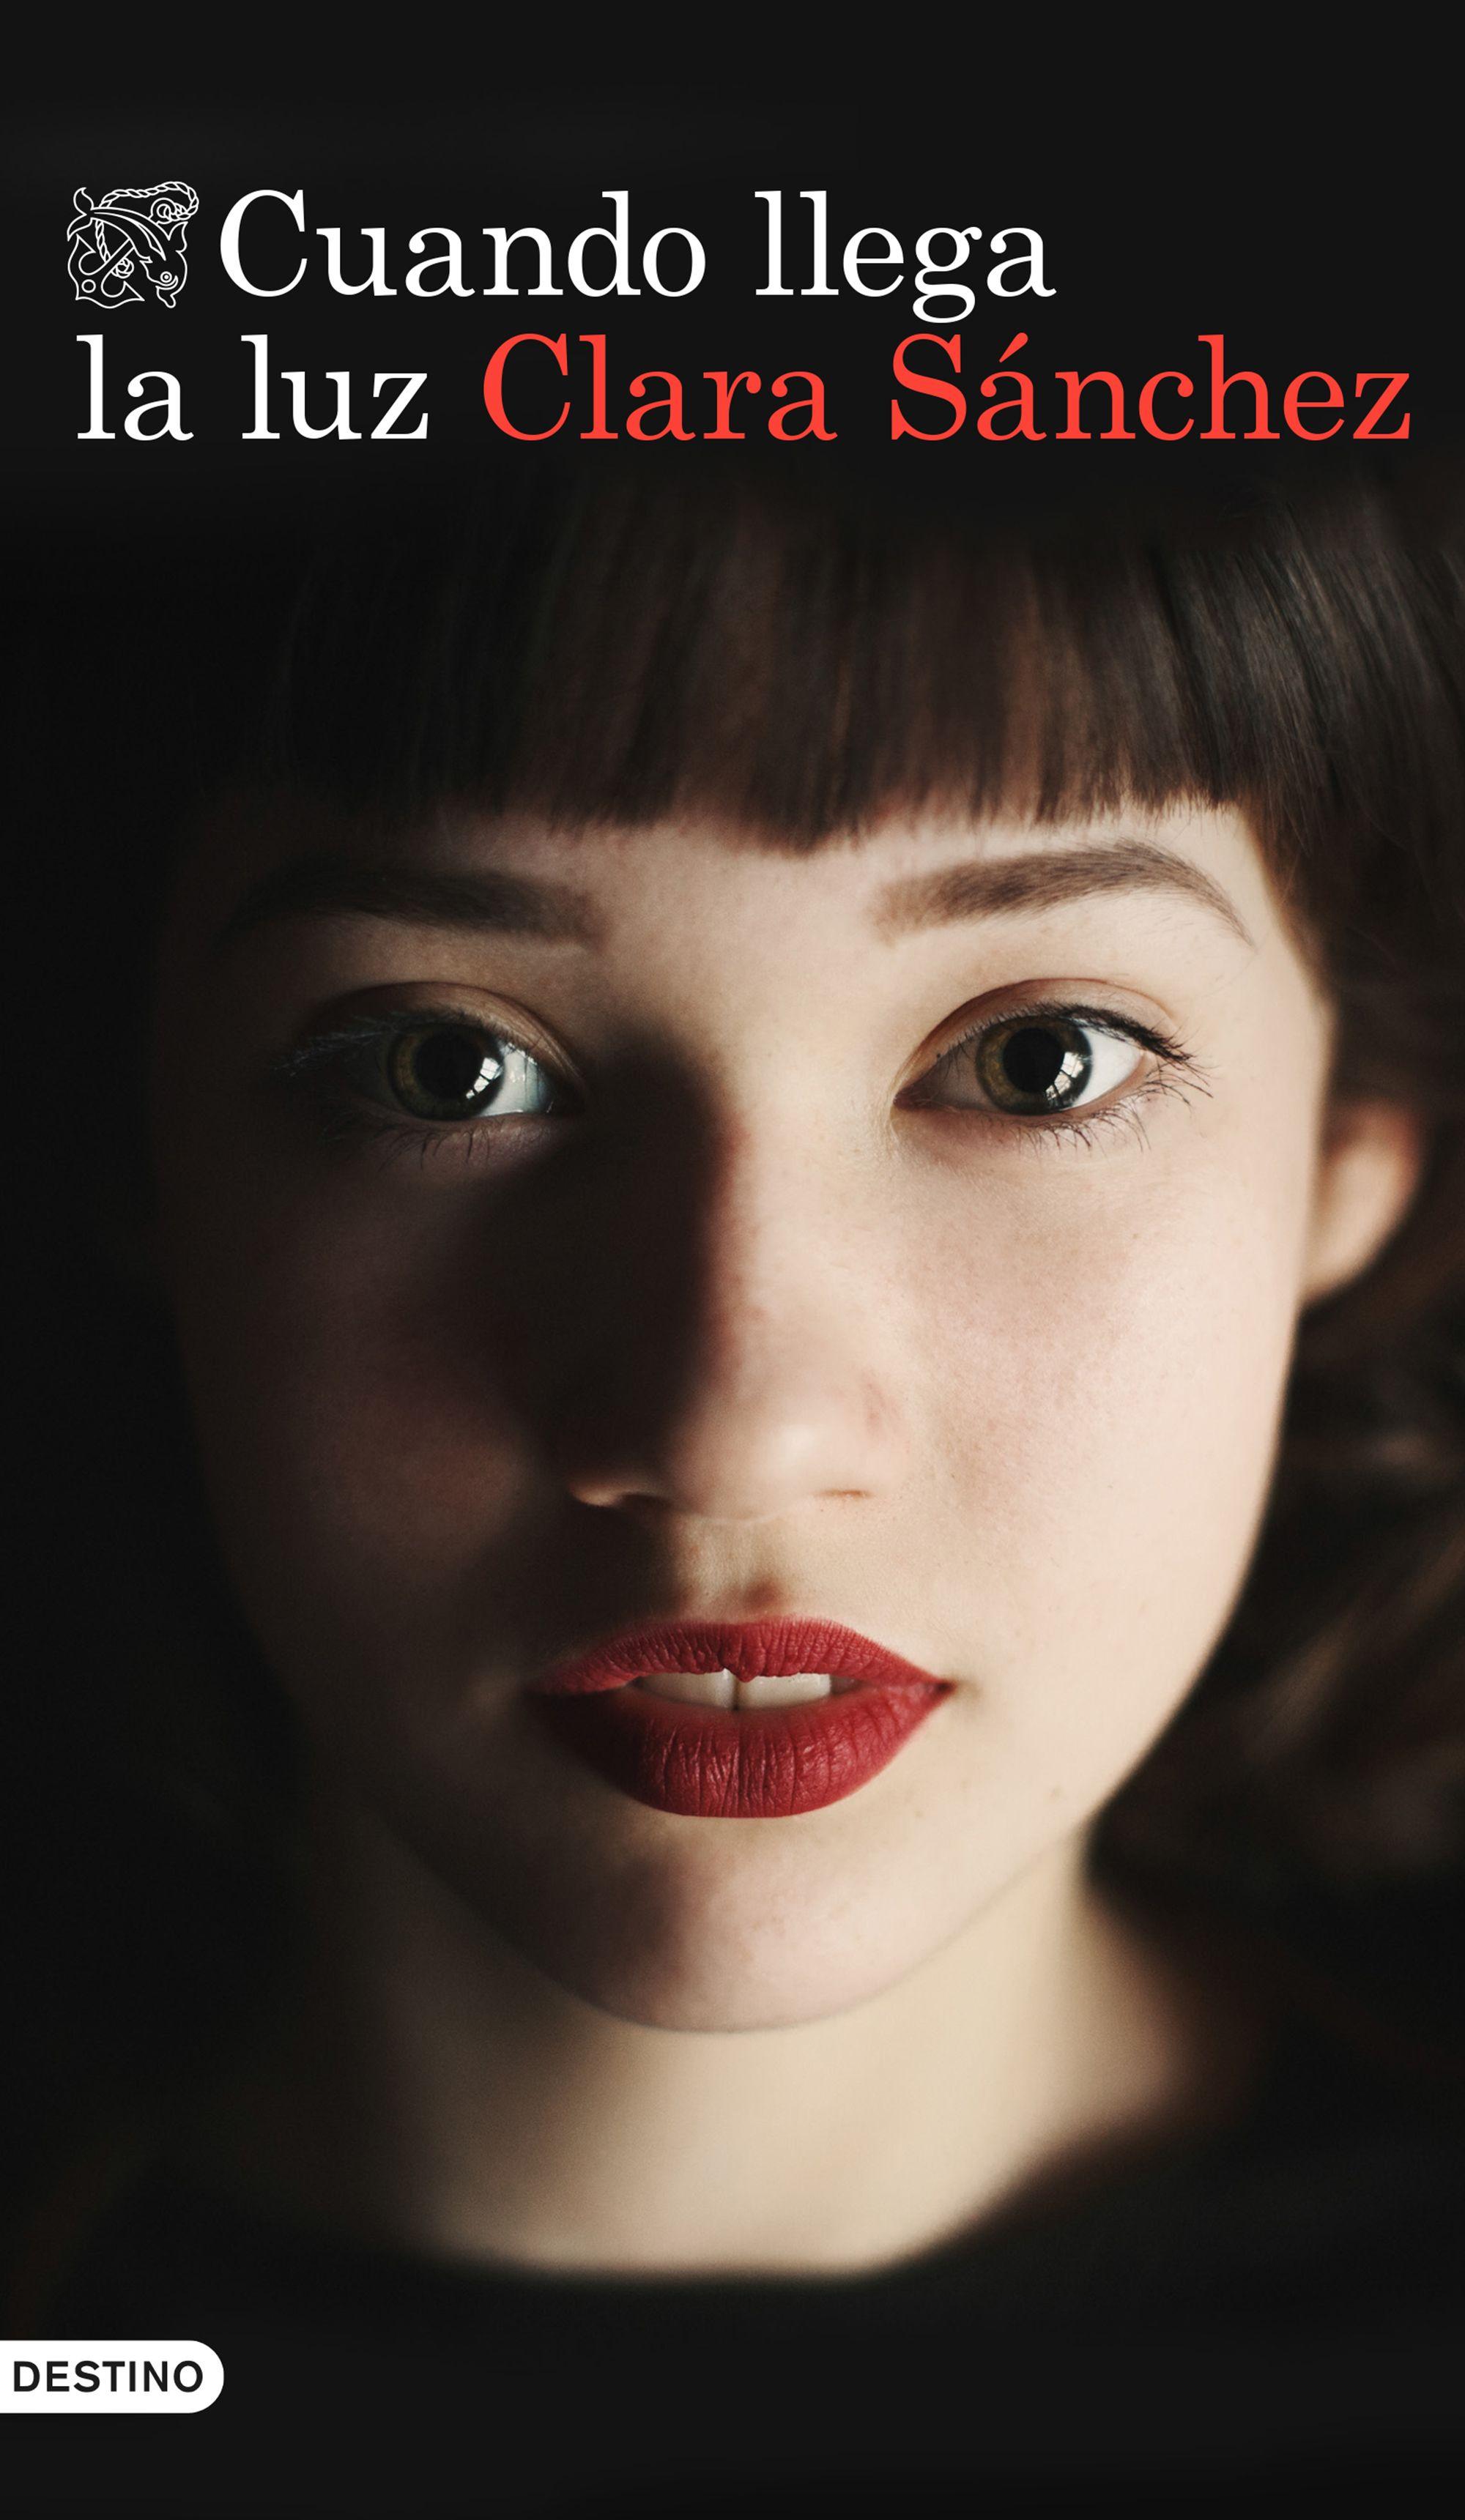 Cuando llega la luz - Clara Sanchez Portada